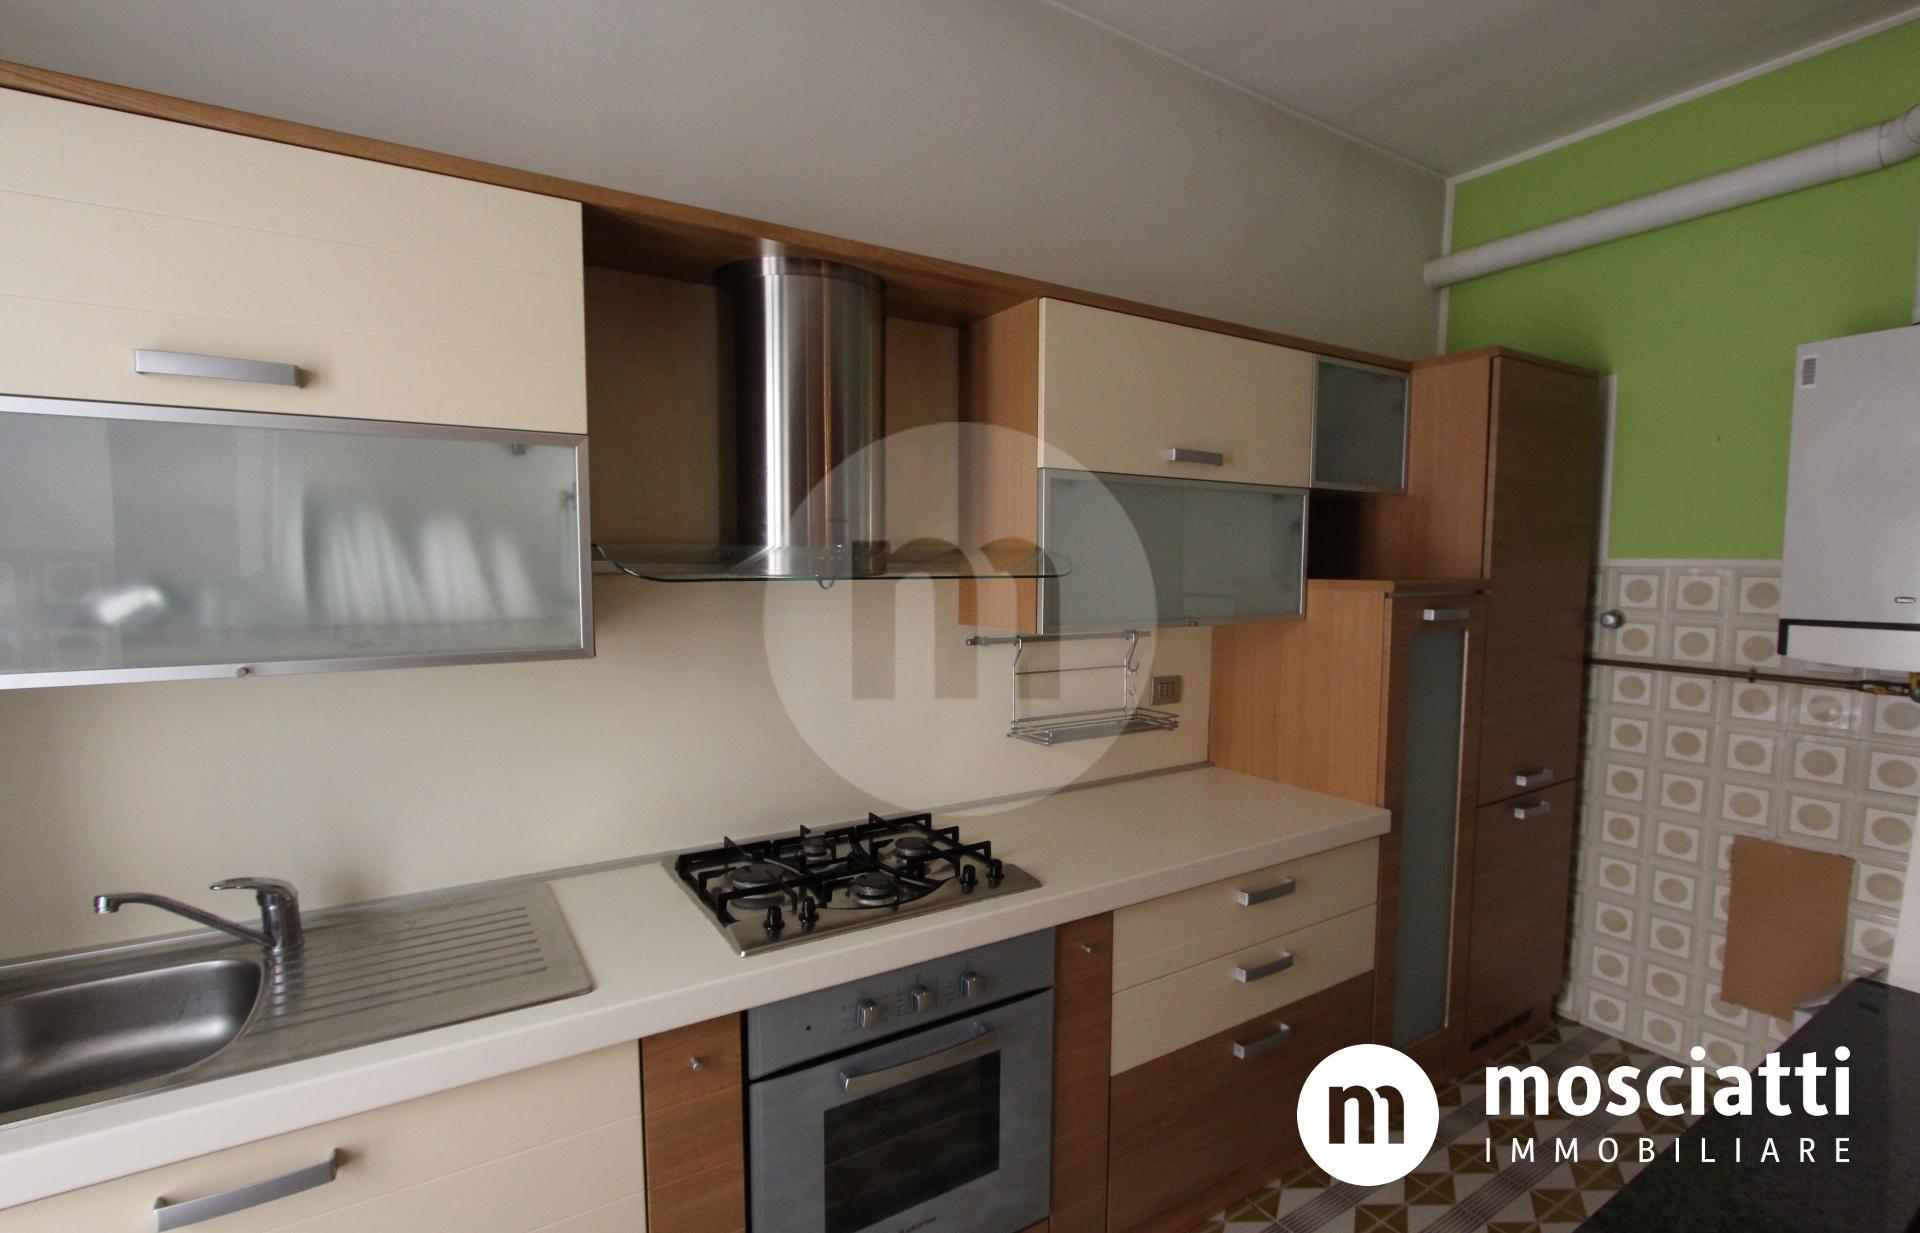 Matelica, Centro Storico in Vicolo Cafasso, vendesi appartamento - 1